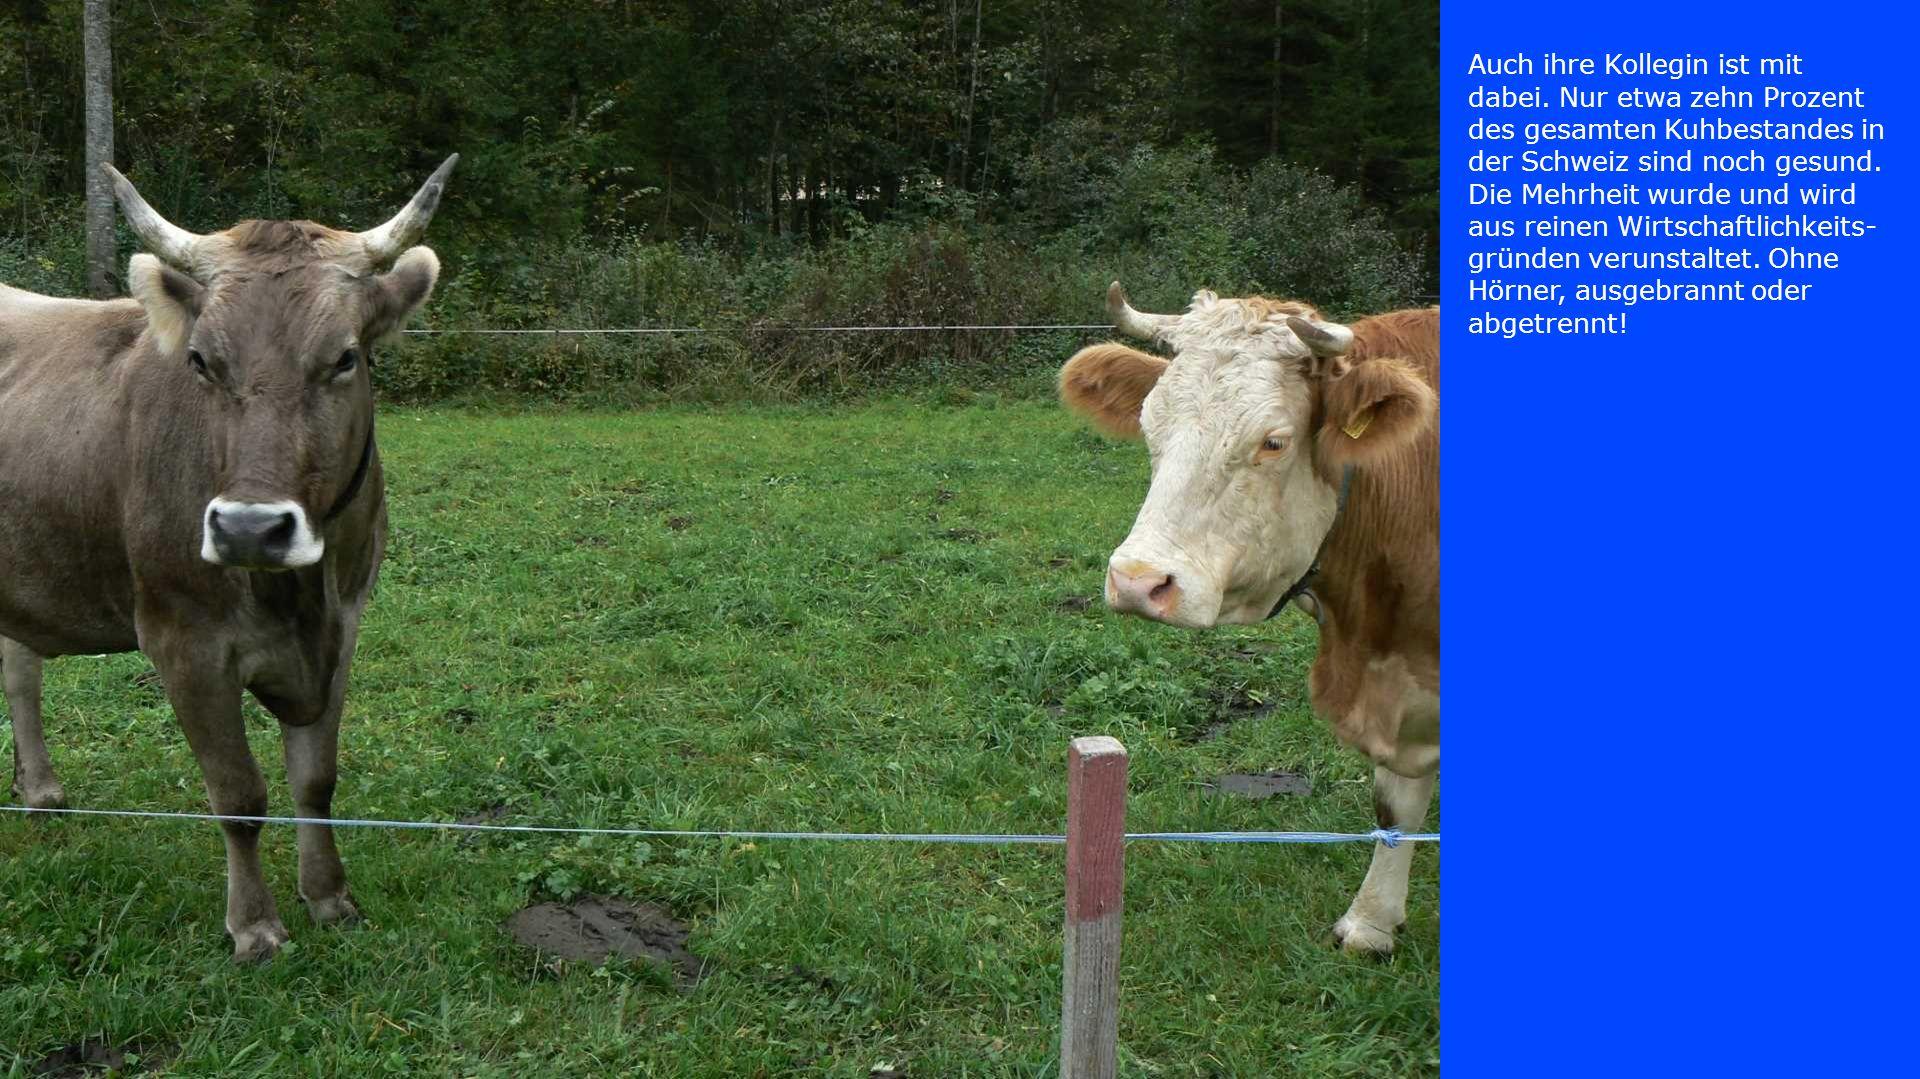 Auch ihre Kollegin ist mit dabei. Nur etwa zehn Prozent des gesamten Kuhbestandes in der Schweiz sind noch gesund. Die Mehrheit wurde und wird aus rei